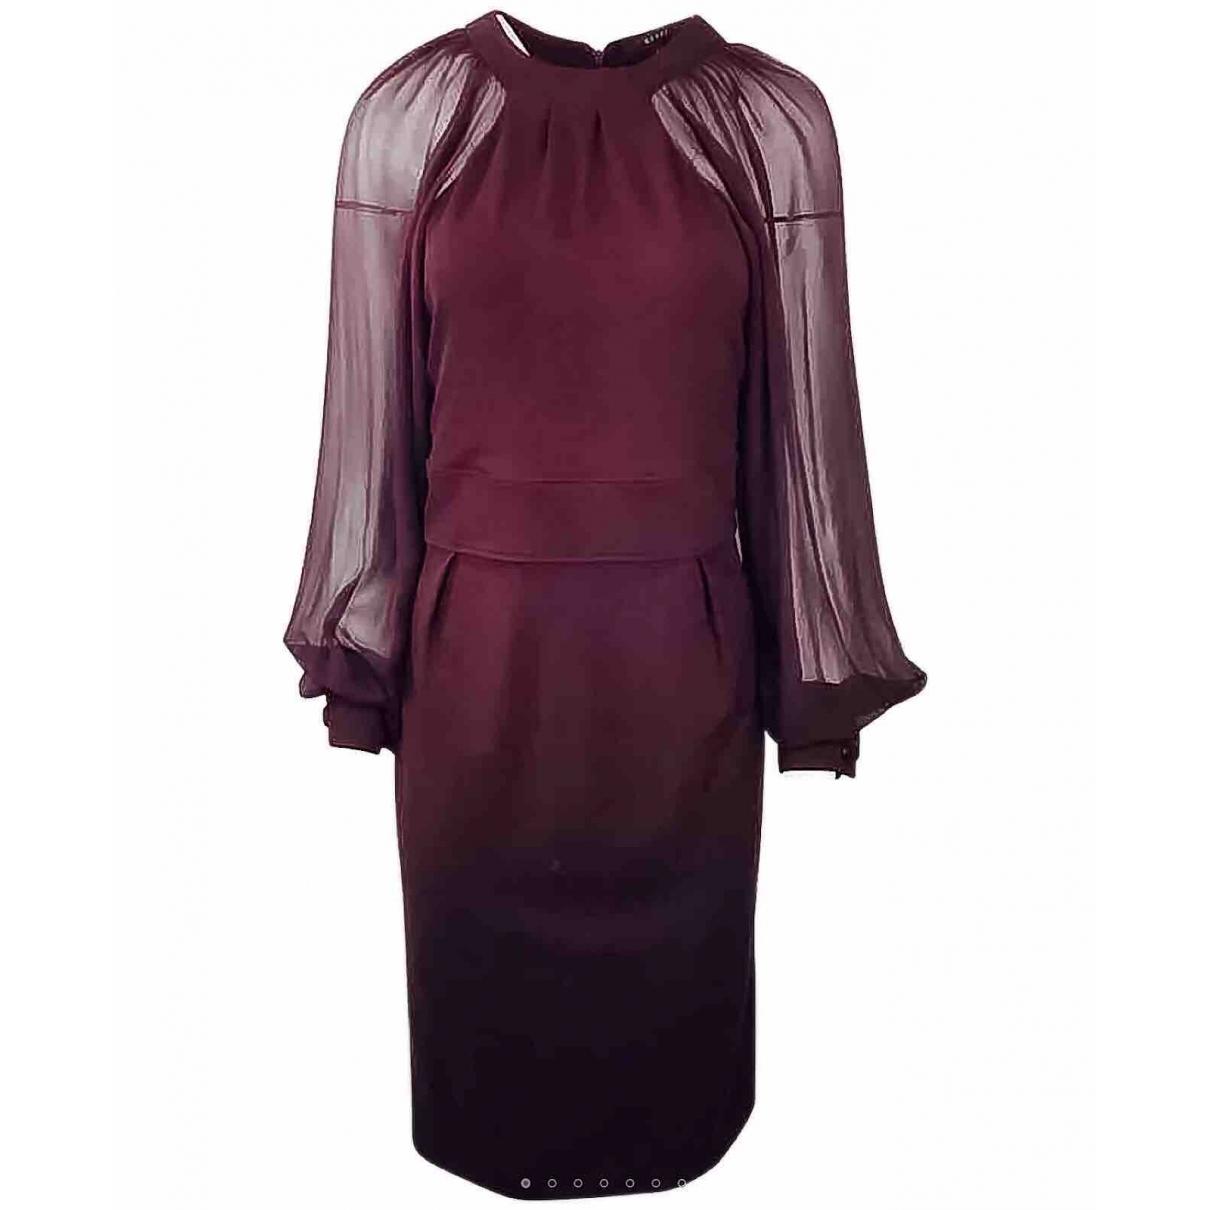 Gucci \N Burgundy Silk dress for Women L International